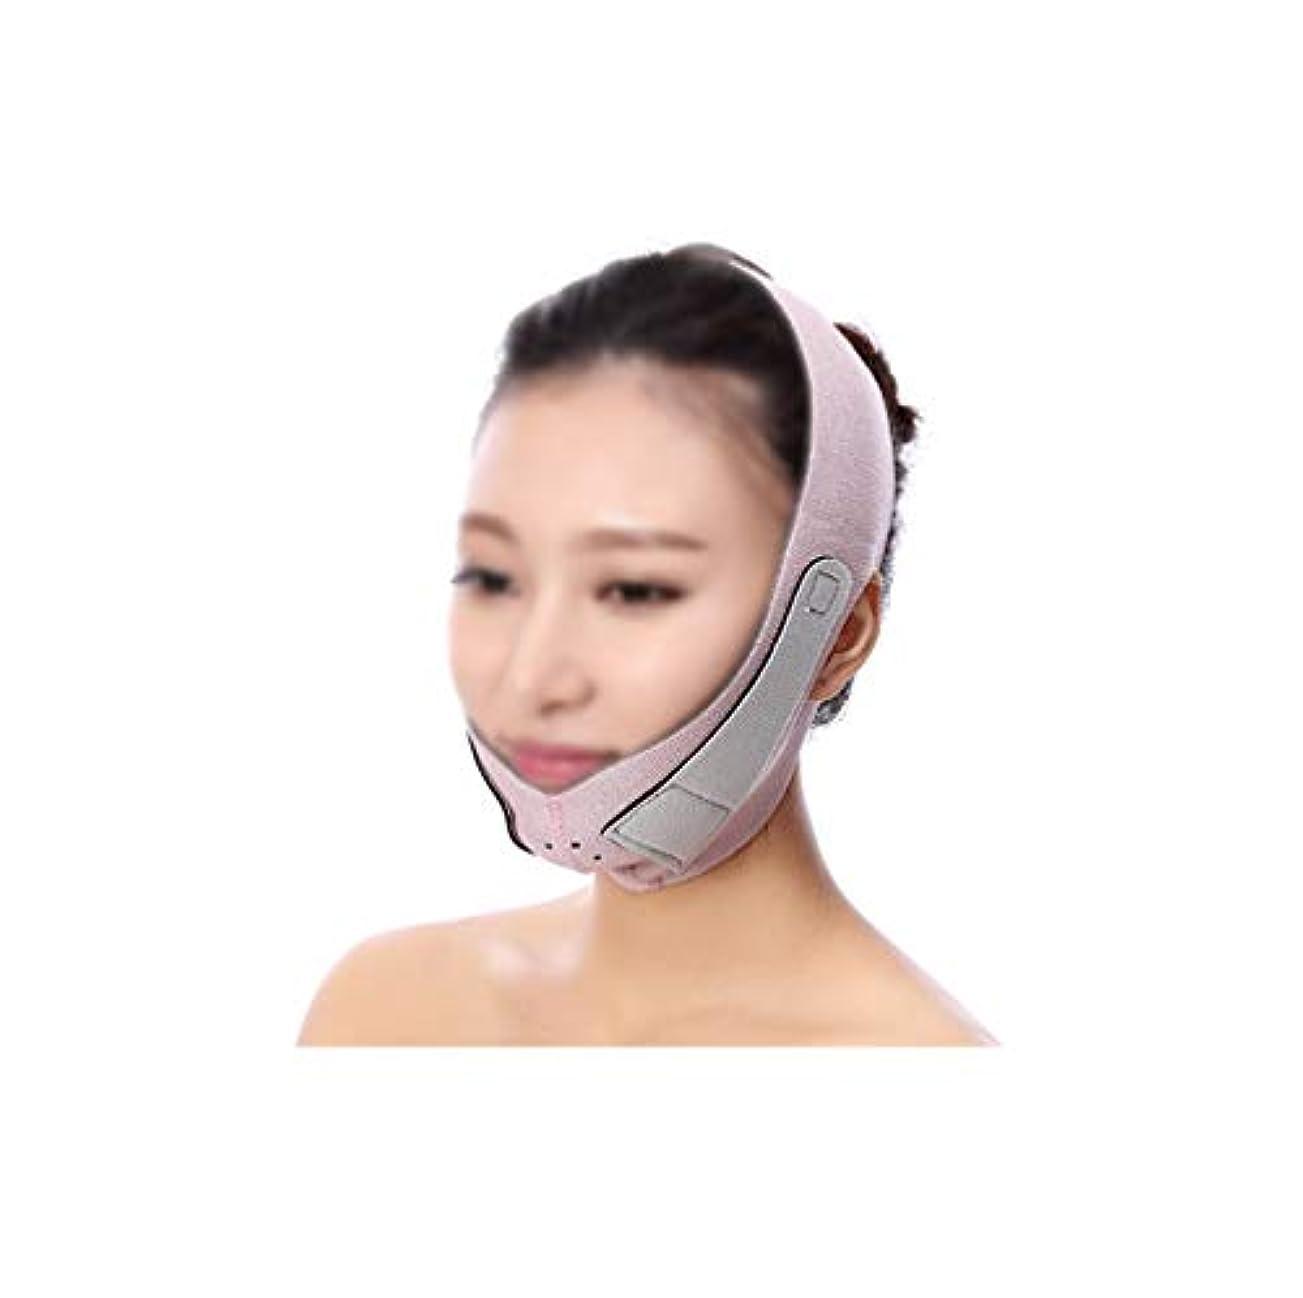 プロペラ羊とは異なりTLMY 薄い顔マスクあごストラップ回復包帯小さなV顔薄い顔アーティファクト睡眠強力なマスクフェイスリフティング包帯フェイシャルリフティングダブルチンリフティング引き締め 顔用整形マスク